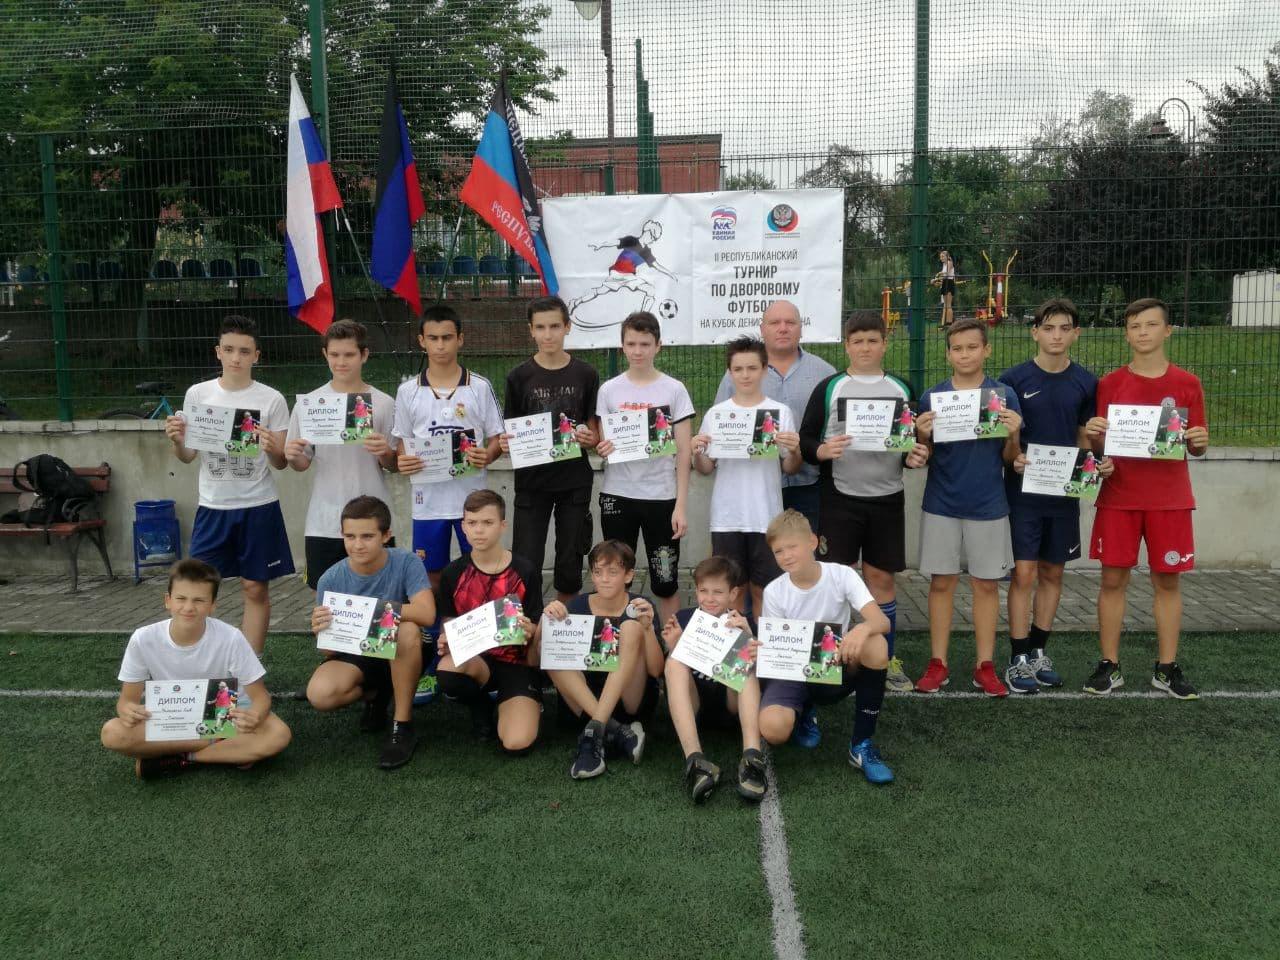 В Донецке завершился первый этап соревнований по дворовому футболу на Кубок Дениса Пушилина